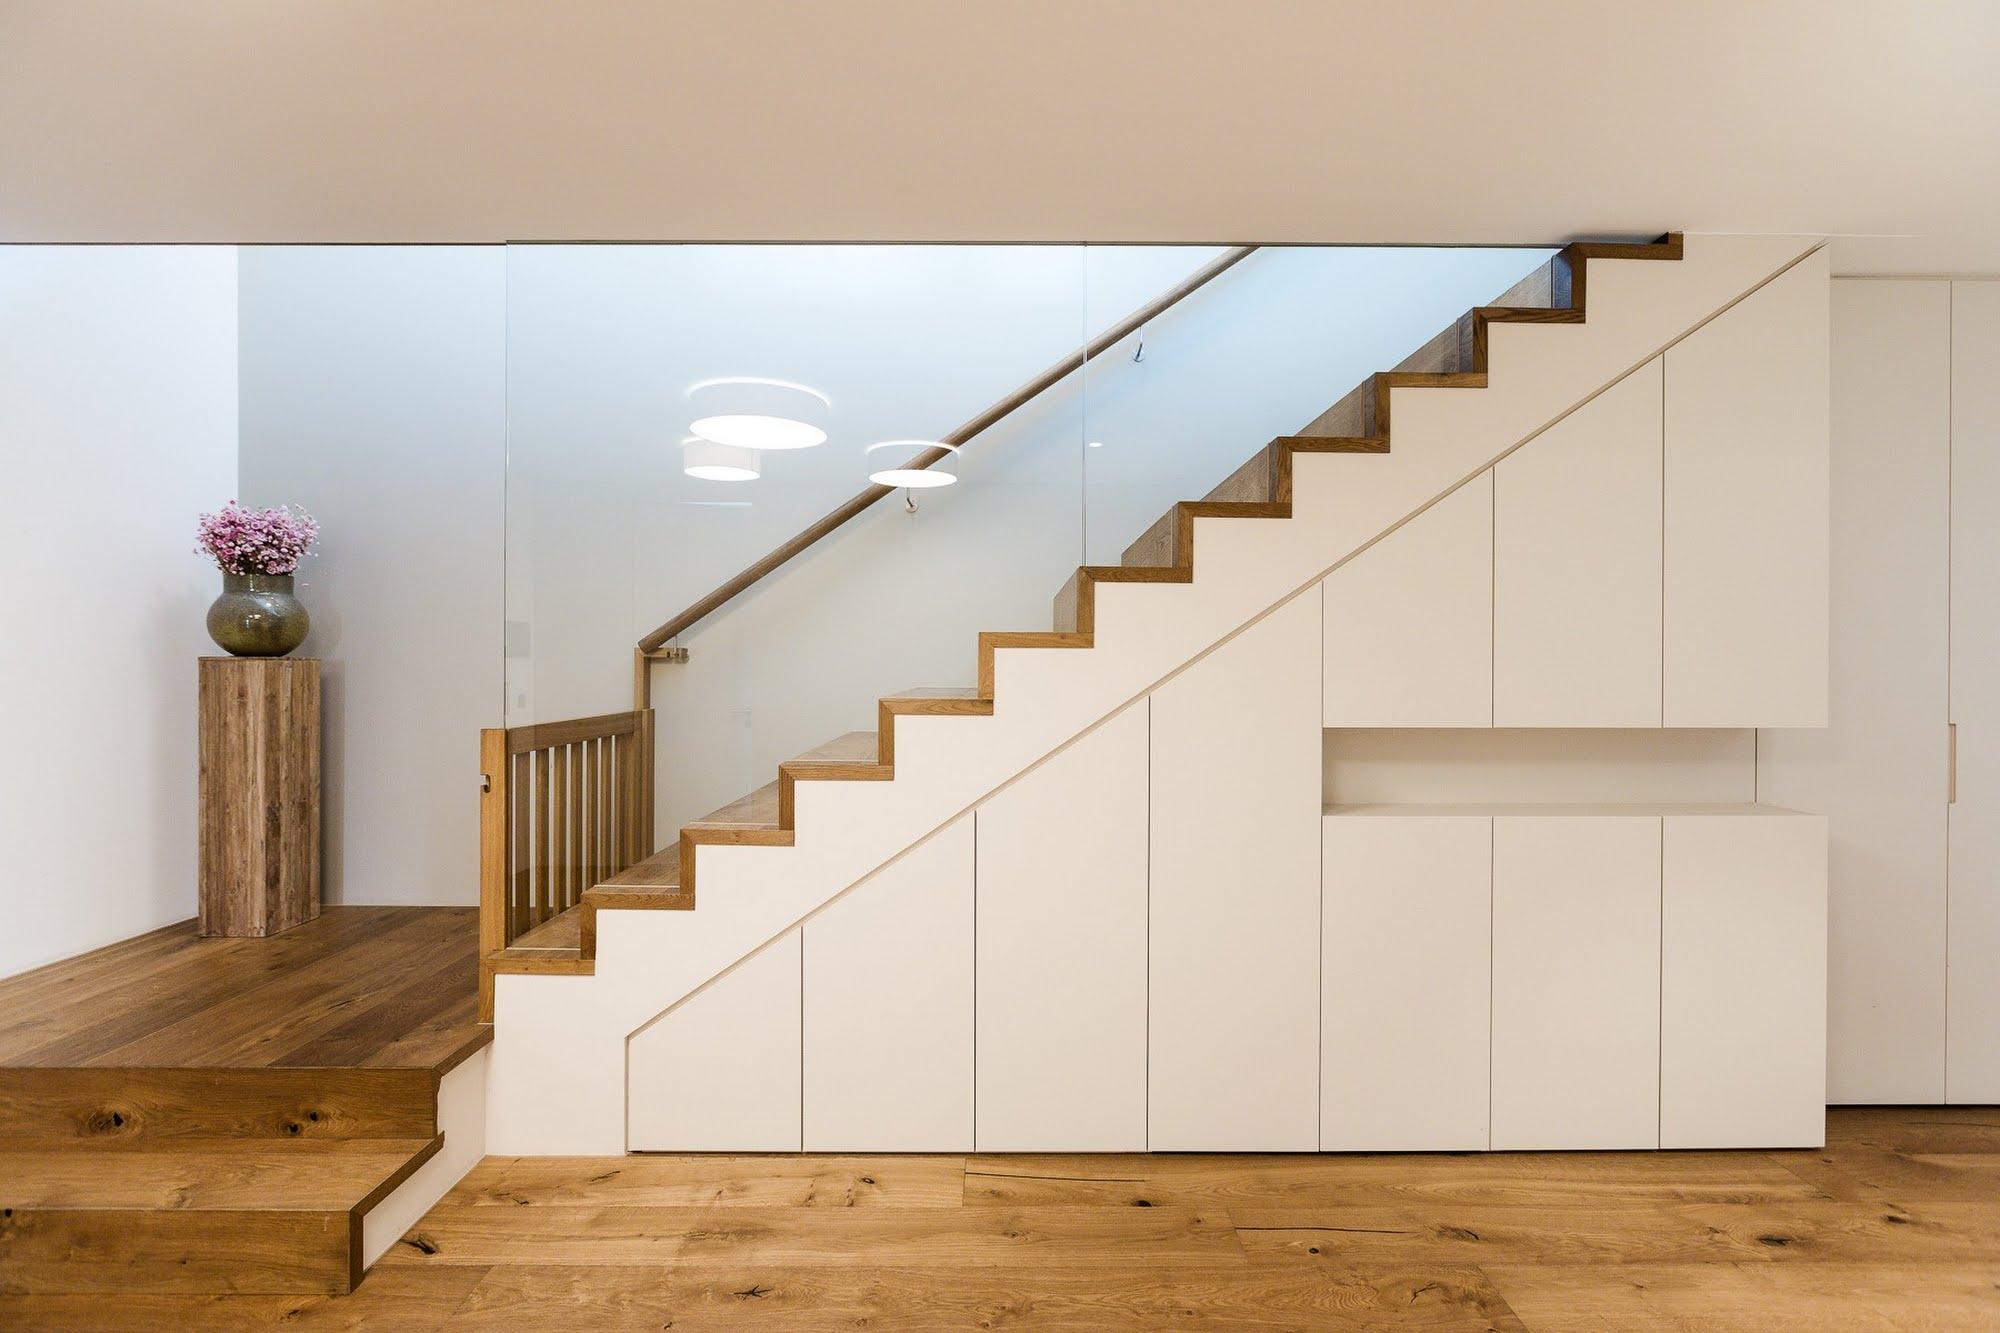 Wohnen EFH EFH 3 Striegelhöhe in Schenkon Architektur,Wohnungsbau,Wohnhäuser,Einfamilienhäuser,Mehrfamilienhäuser